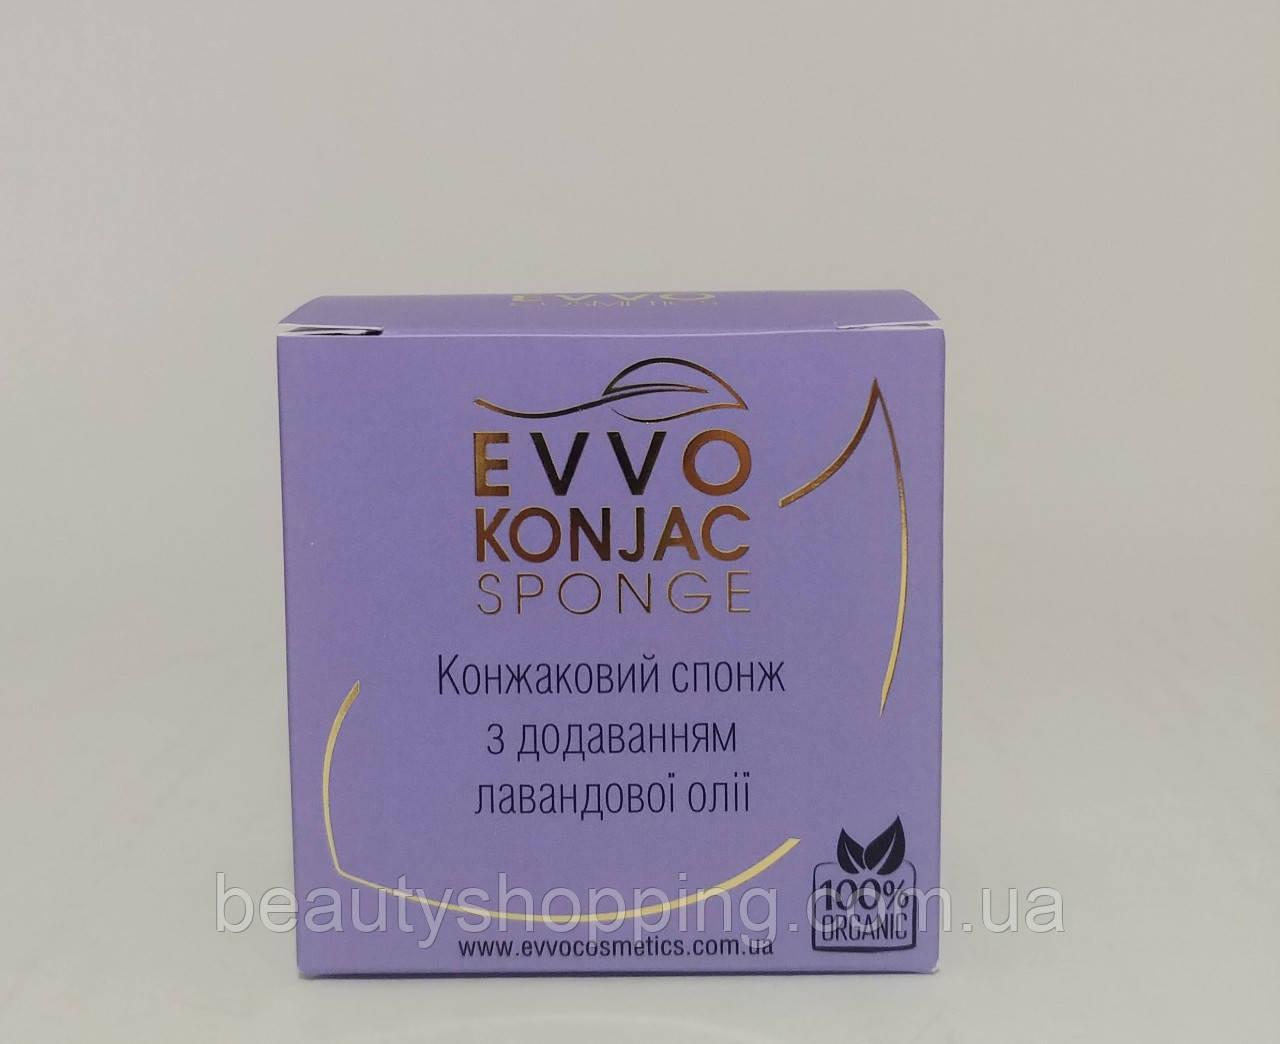 Конжаковый спонж с добавлением лавандового масла Evvo Cosmetics Корея